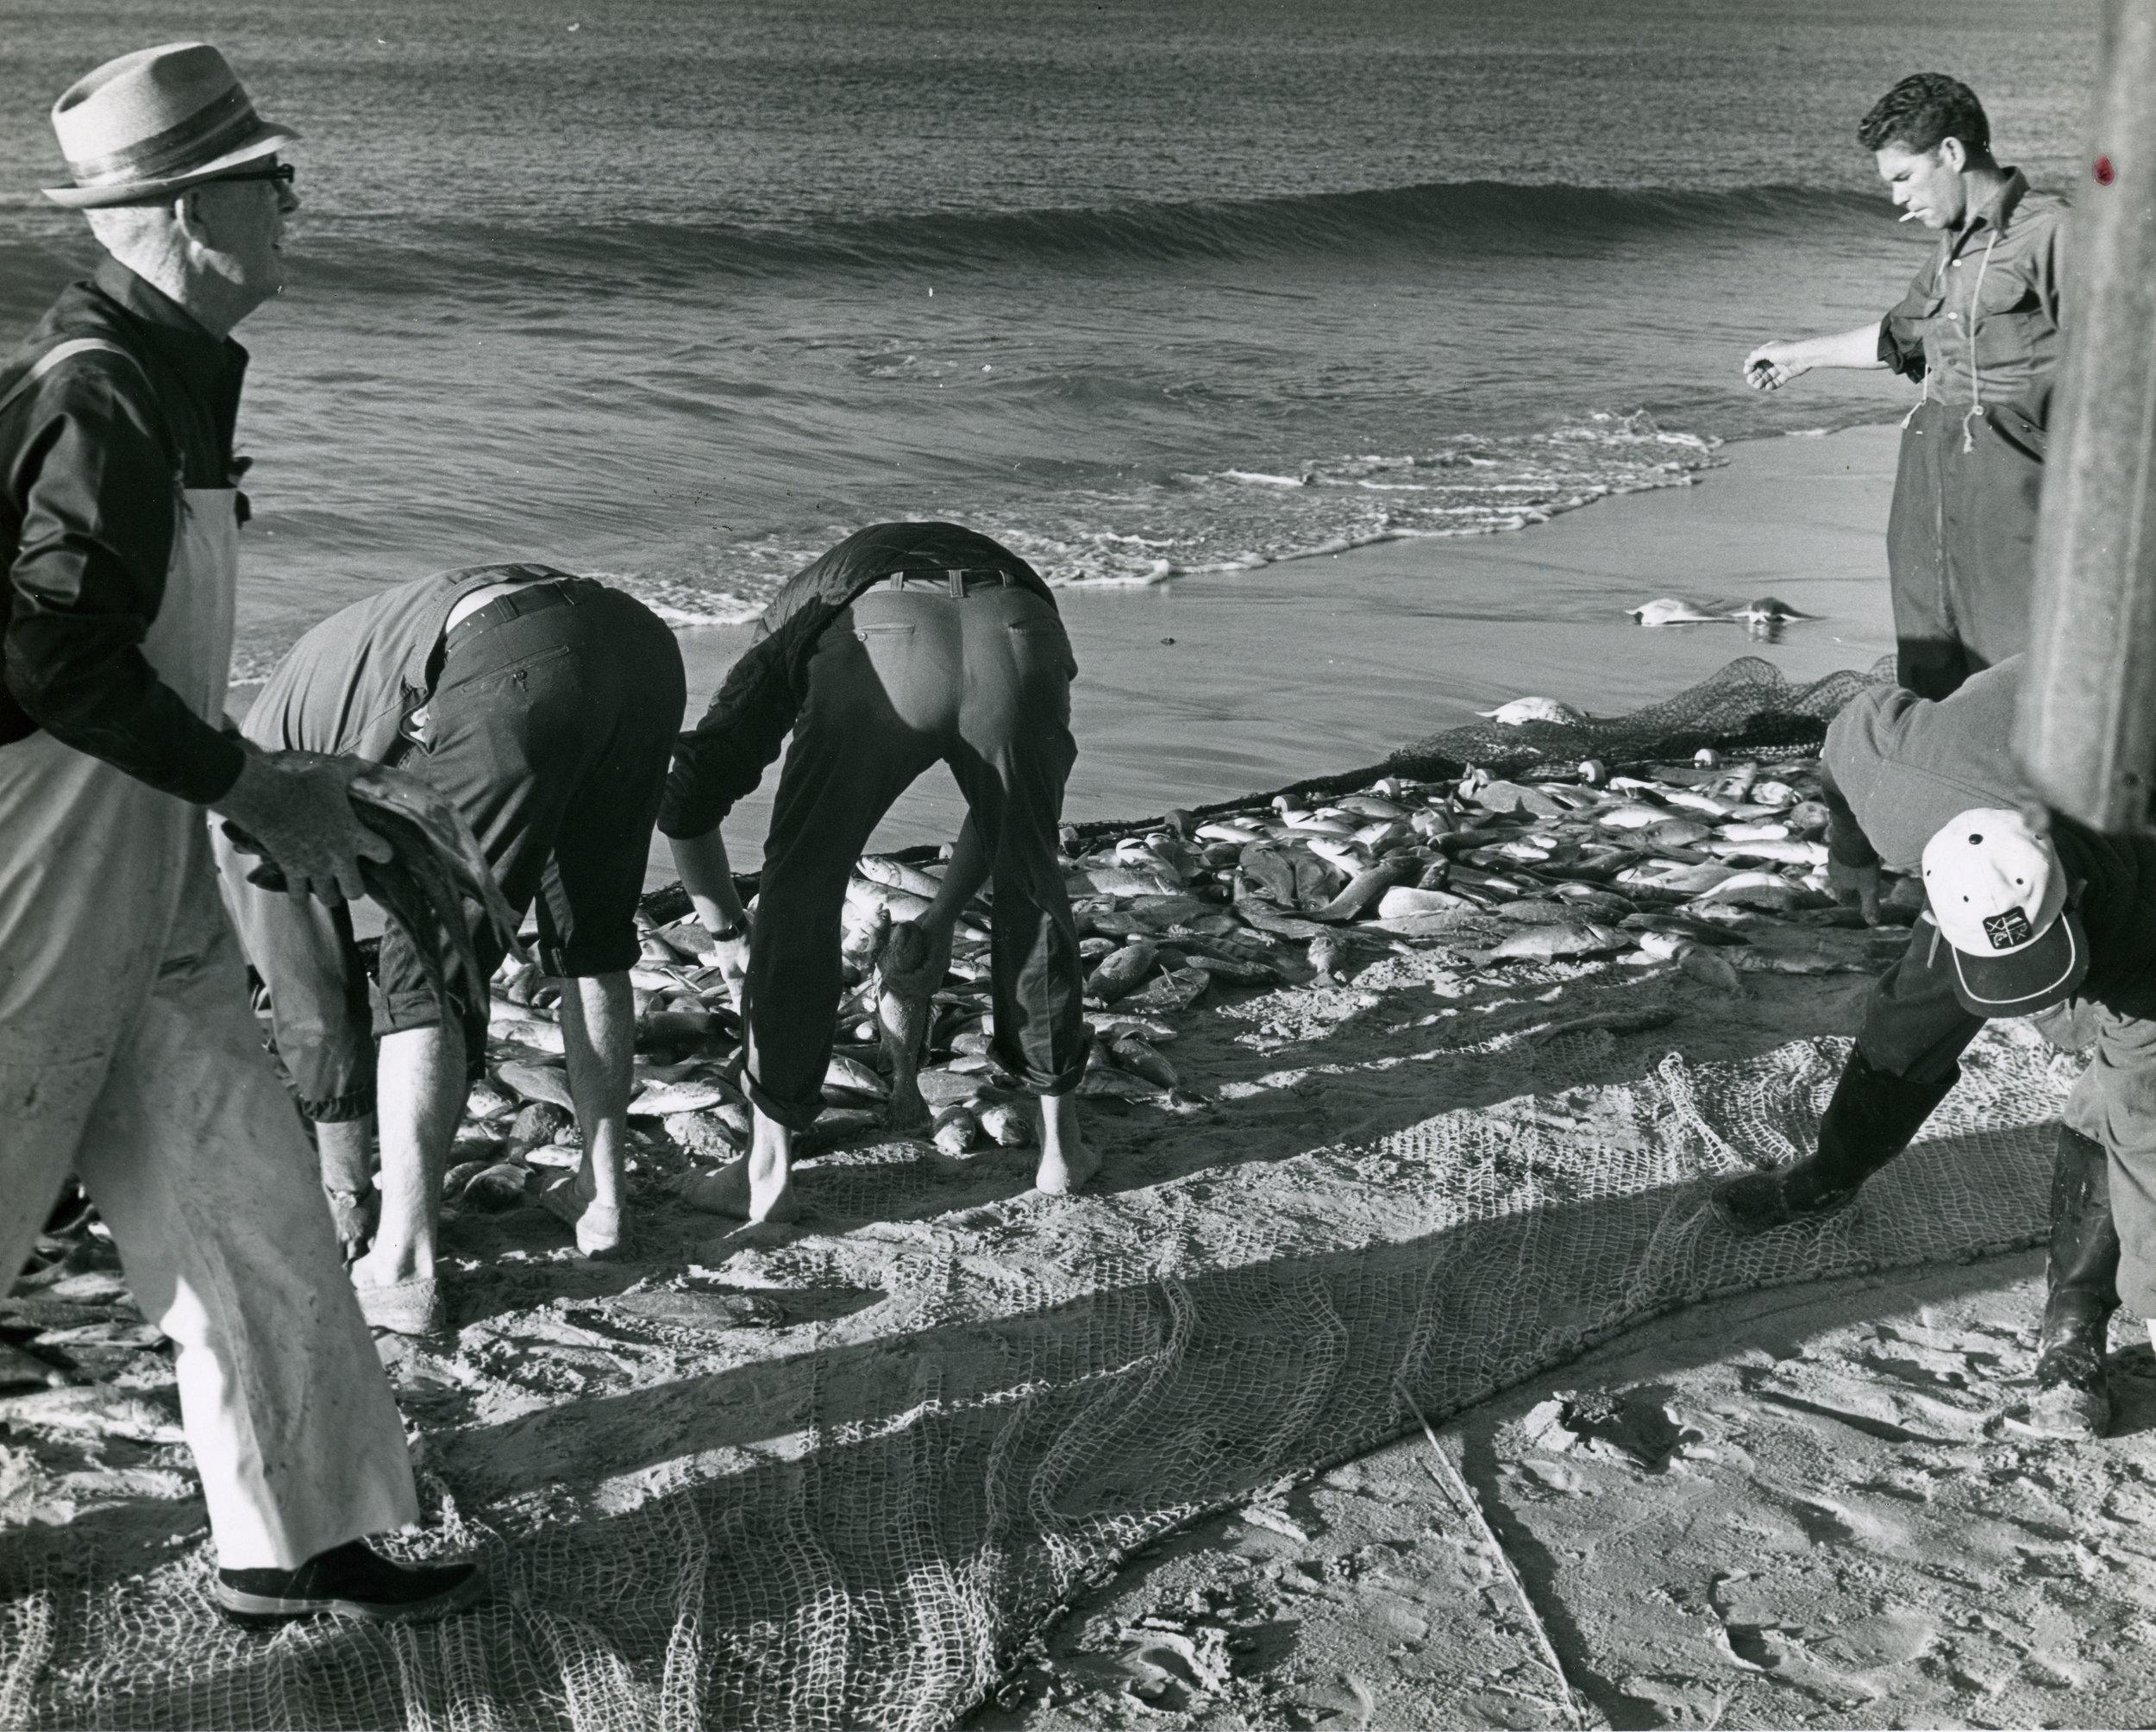 Salter Path beach seine mullet fishermen, 1940s